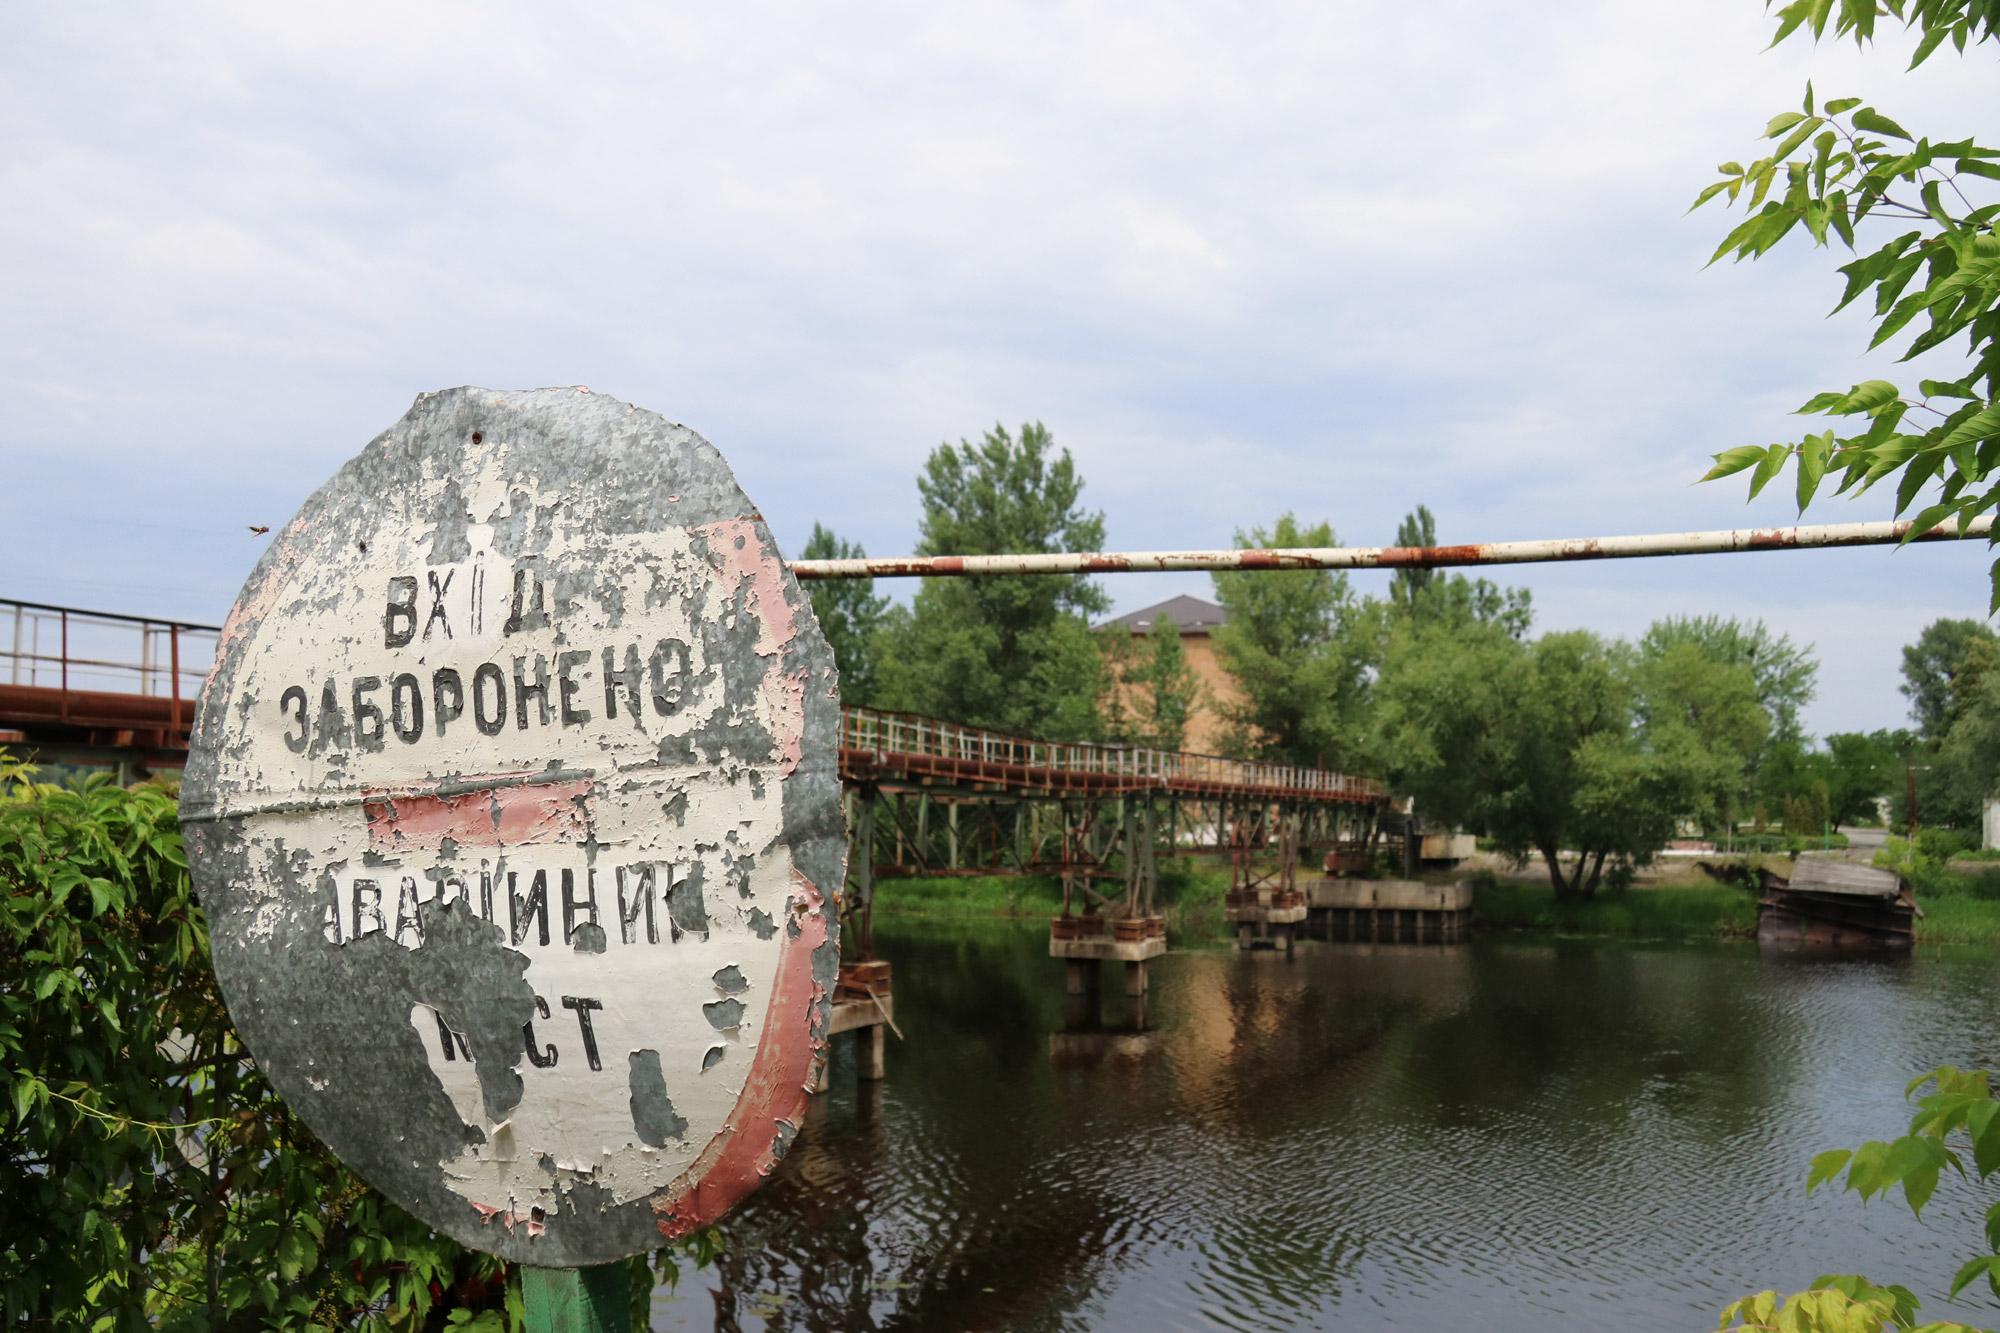 Tsjernobyl - Chernobyl - Riverport